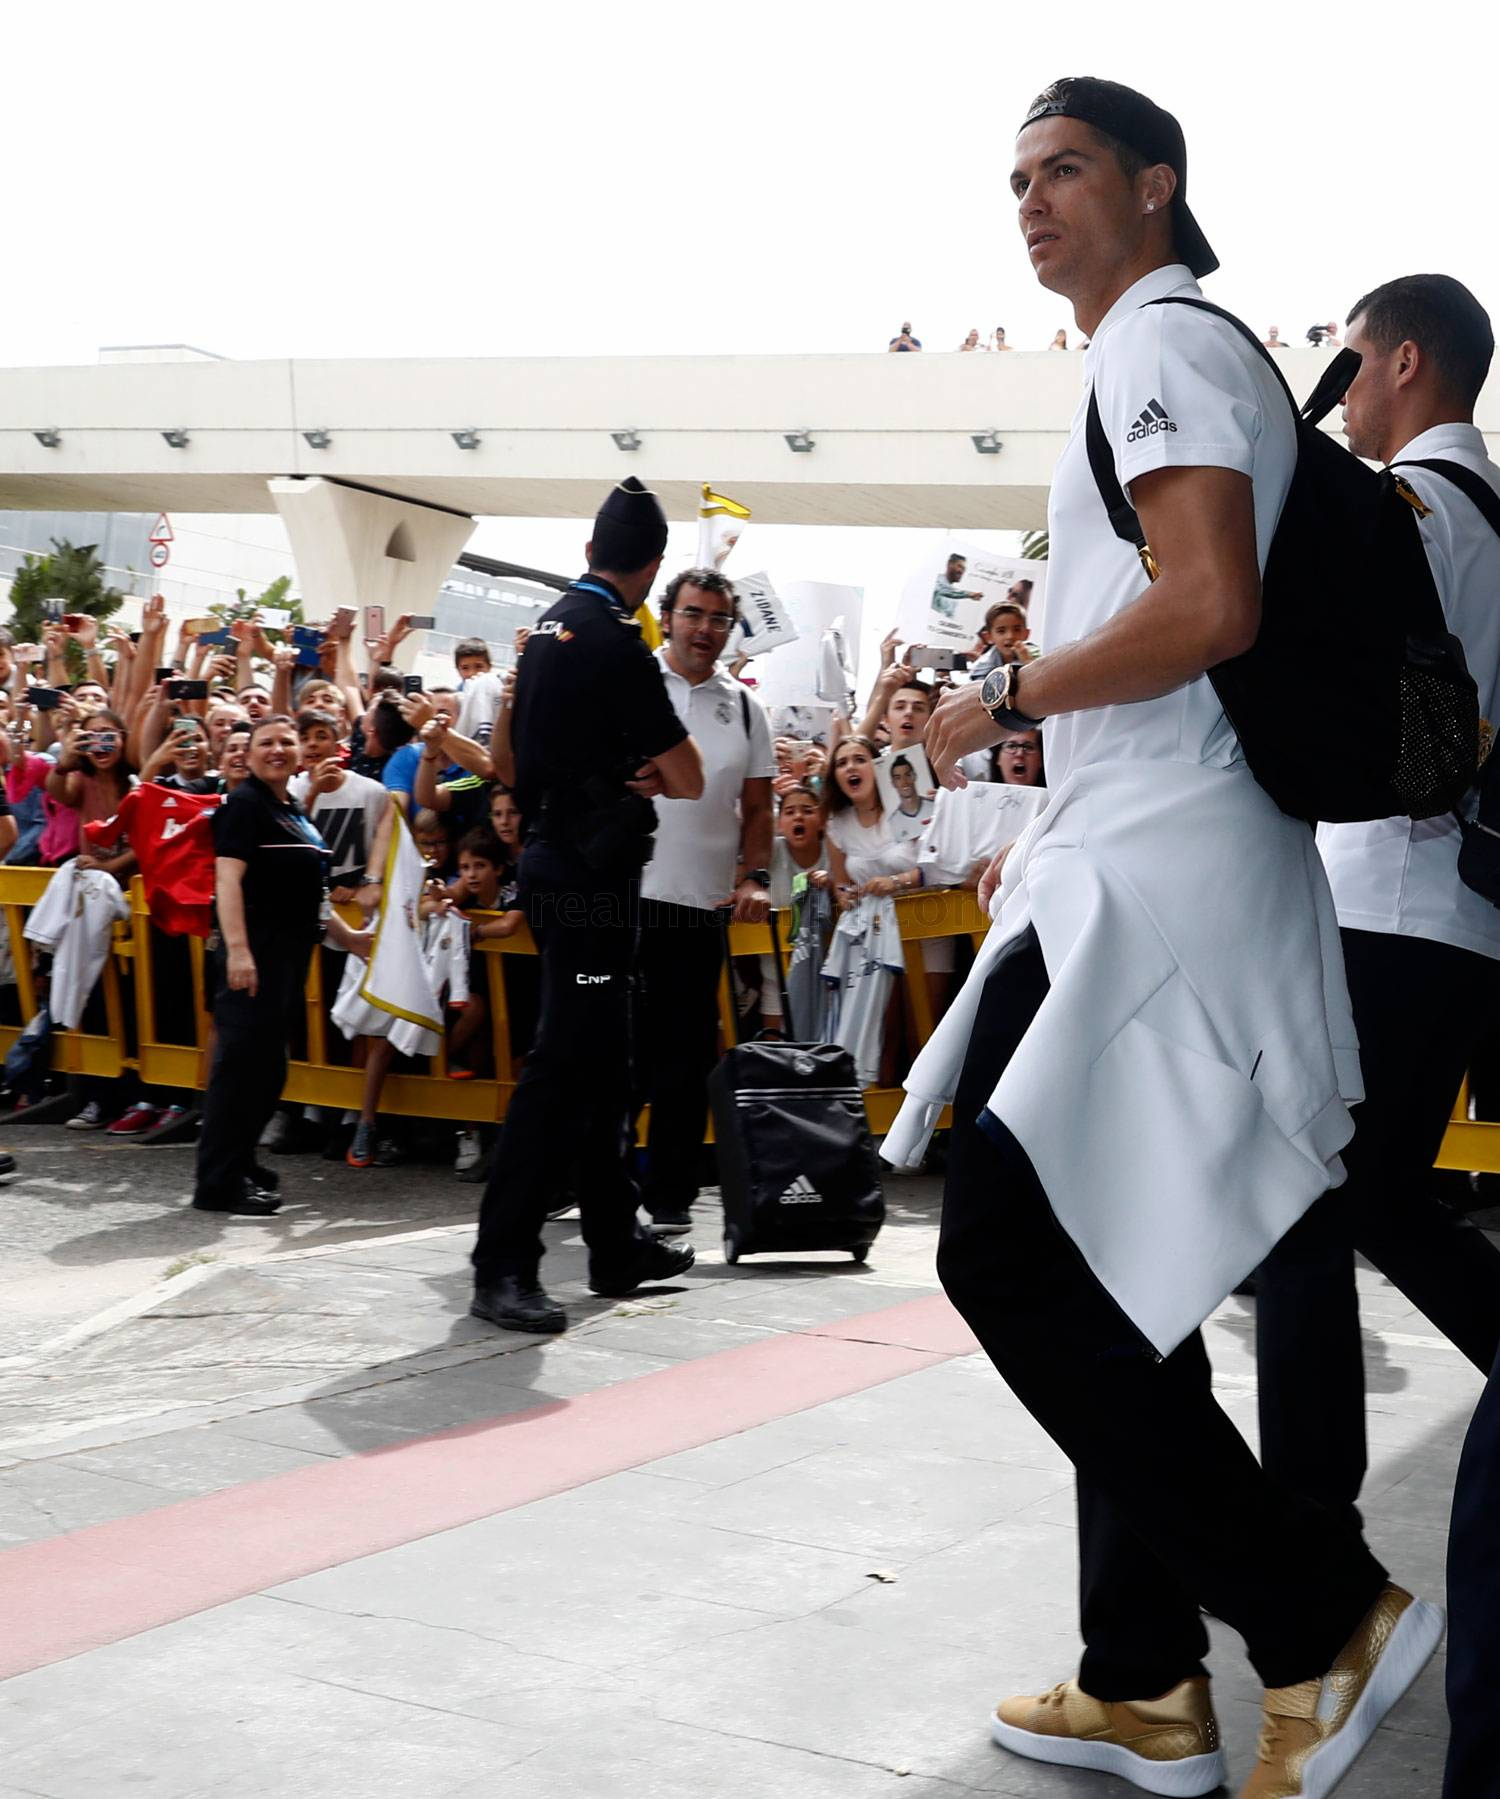 Foto: Futbolchilar Malaga shahrida (+ video)